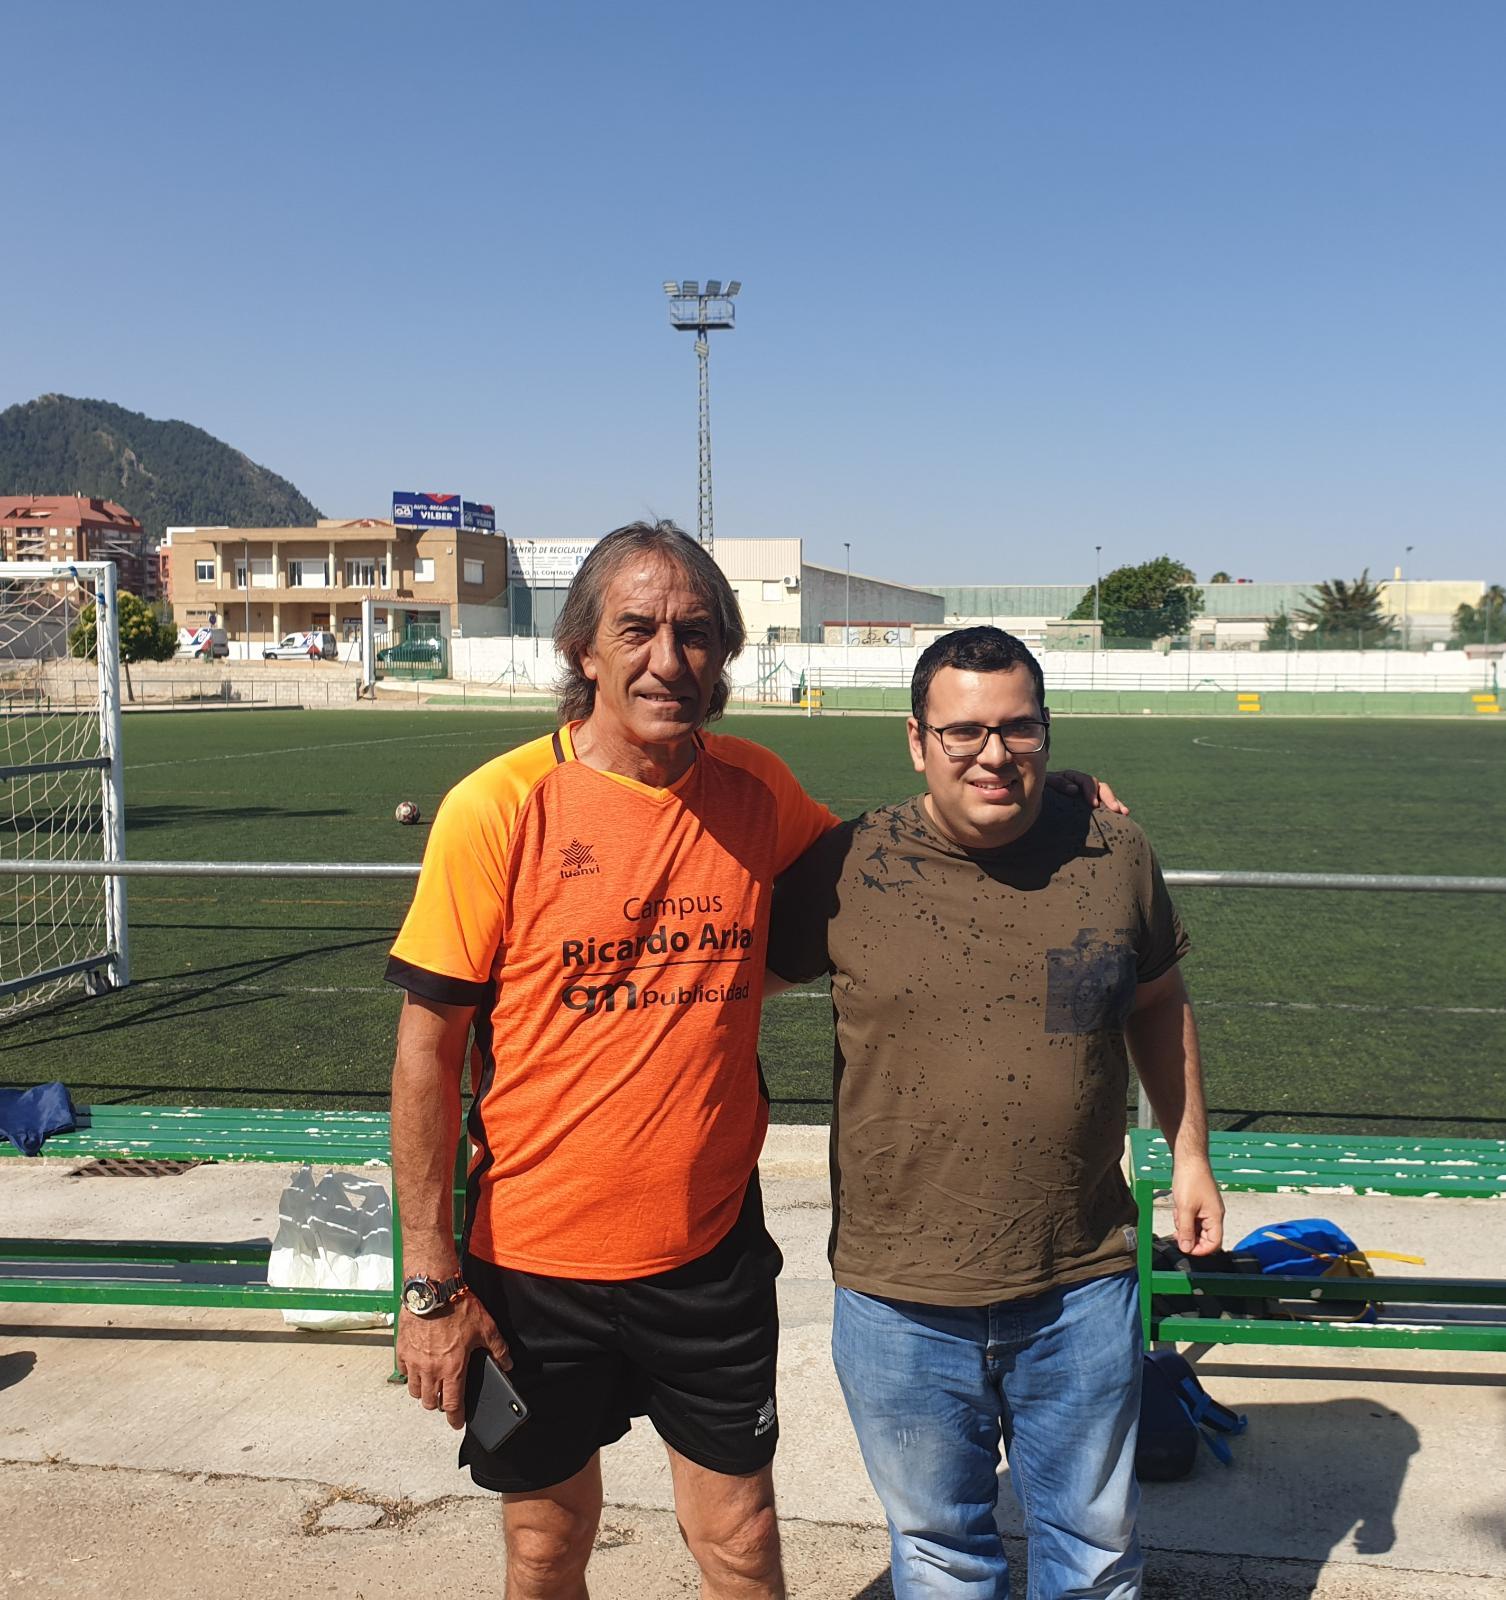 L'ex-jugador del València CF Ricardo Arias hui en «Micro obert»